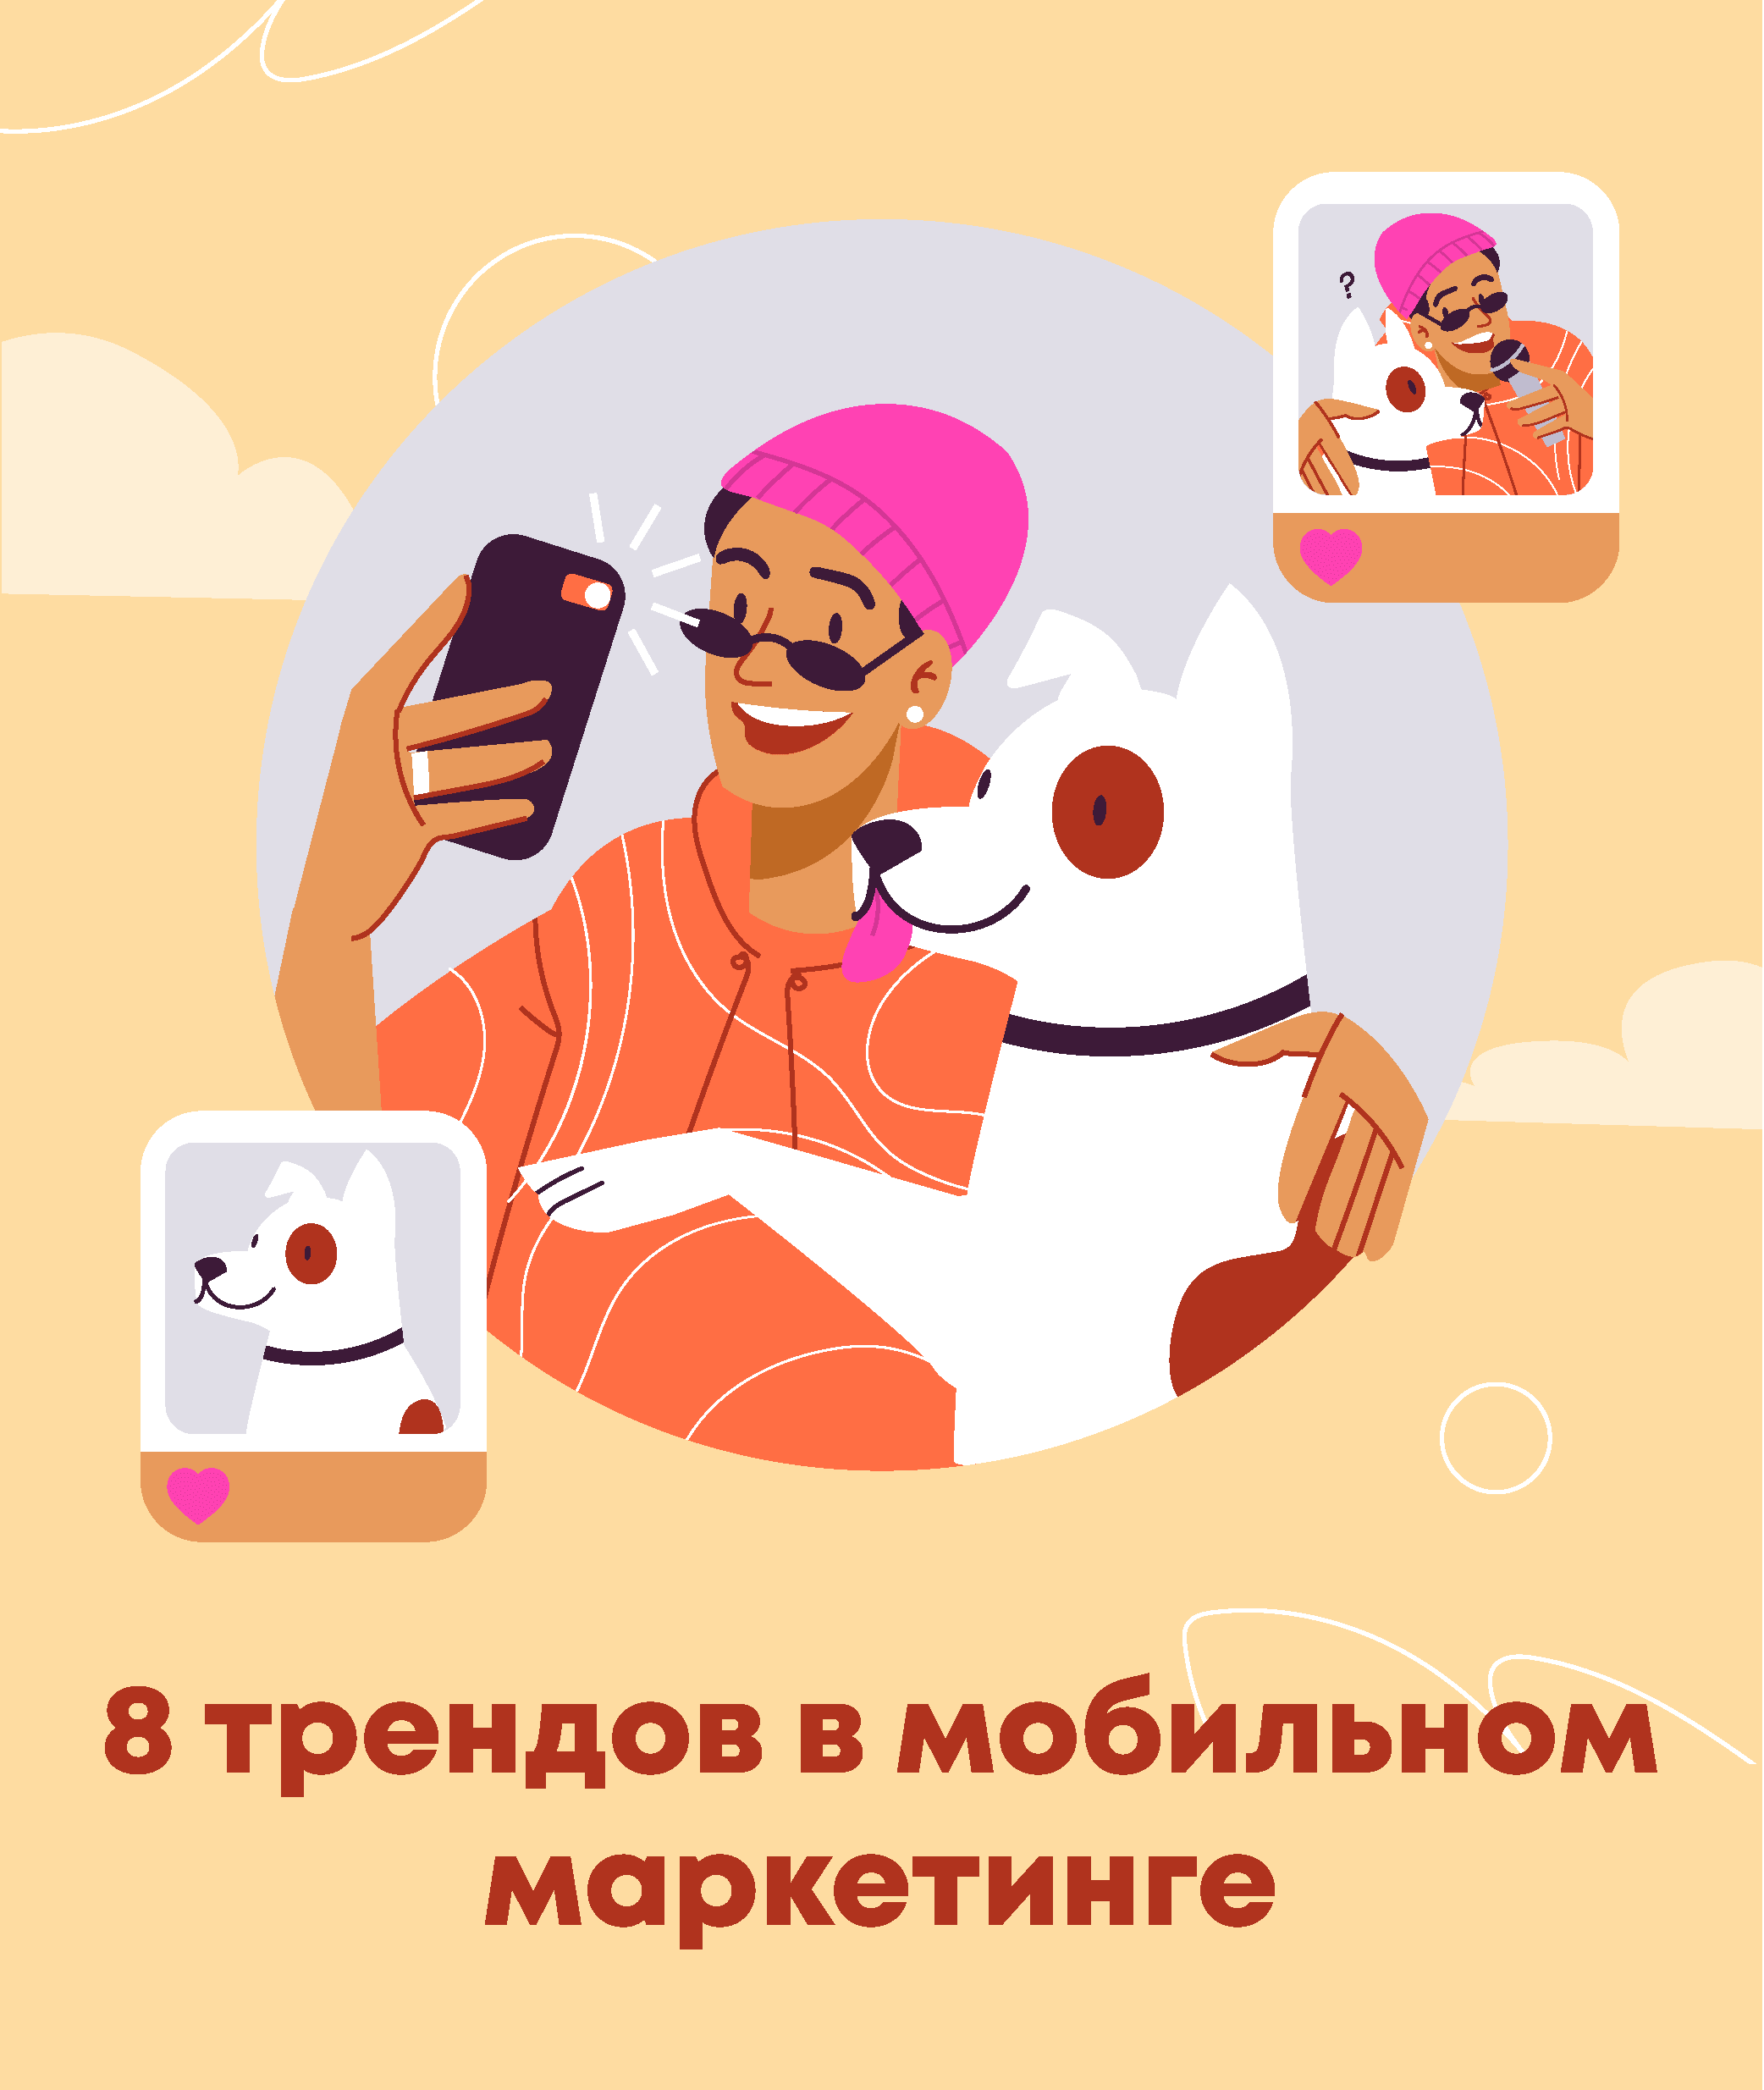 8 главных трендов в мобильном маркетинге в 2021 году:  к чему готовиться компаниям, разработчикам и пользователям